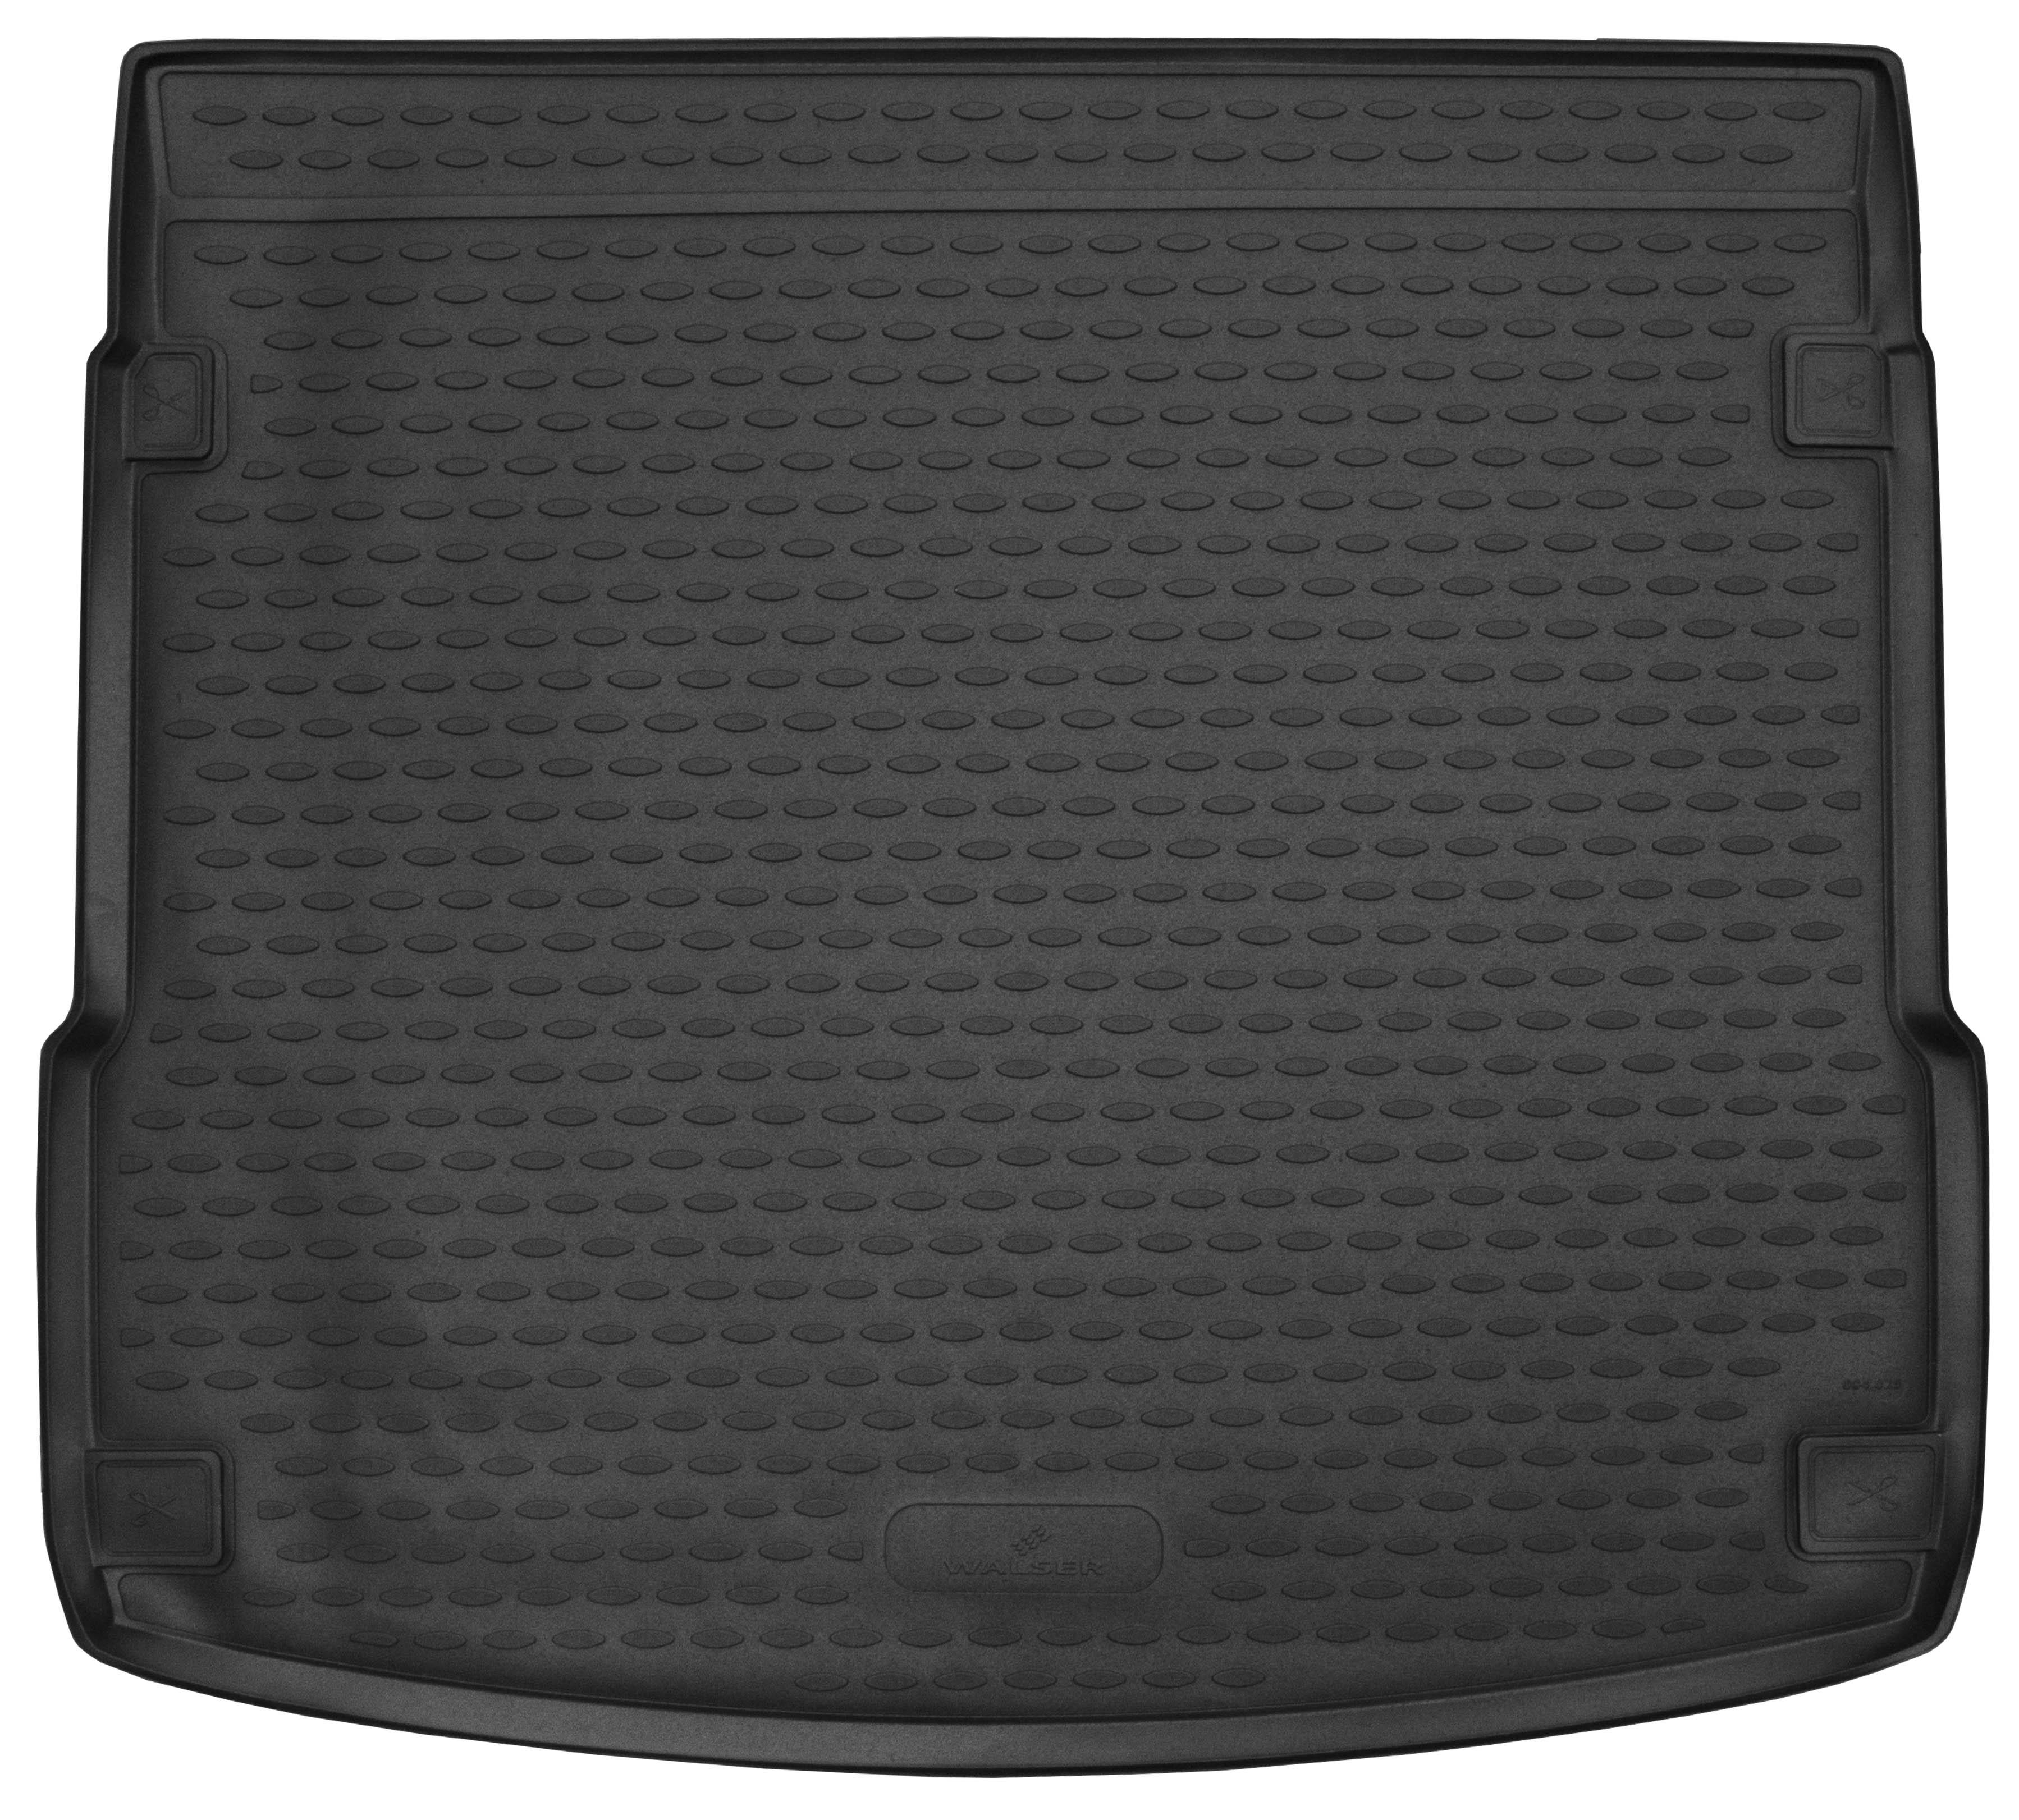 Für Audi Q5 Kofferraumwanne Kofferraummatte Antirutsch  ab 2017